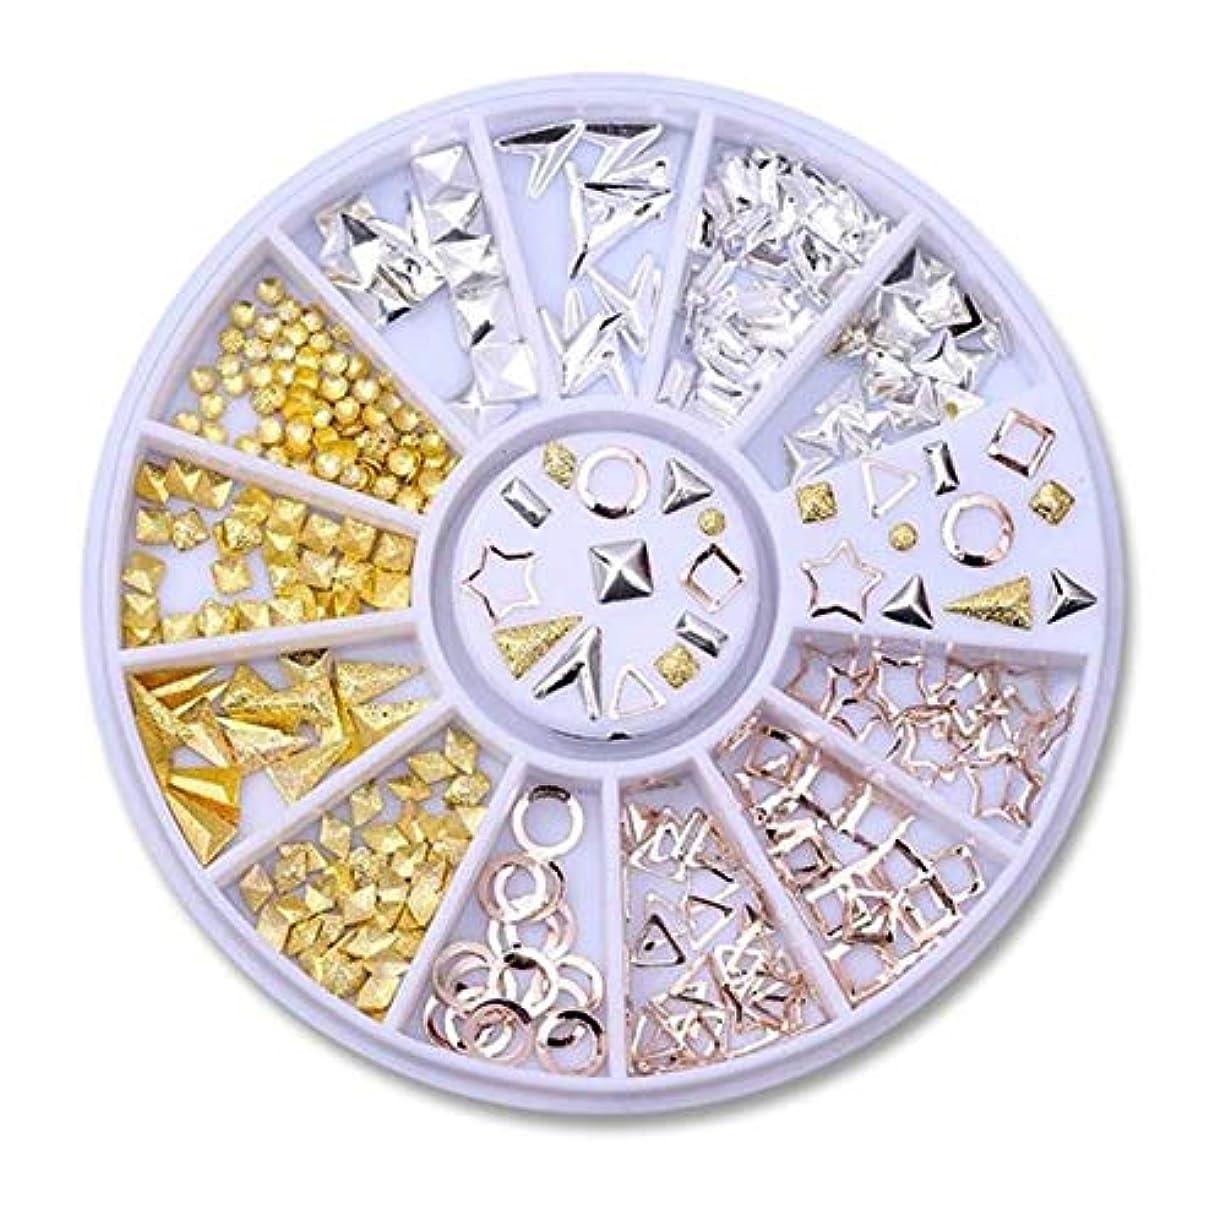 結婚したミルク対角線ネイルラインストーンの小さな不規則なビーズマニキュア3Dネイルアートの装飾の輪,29